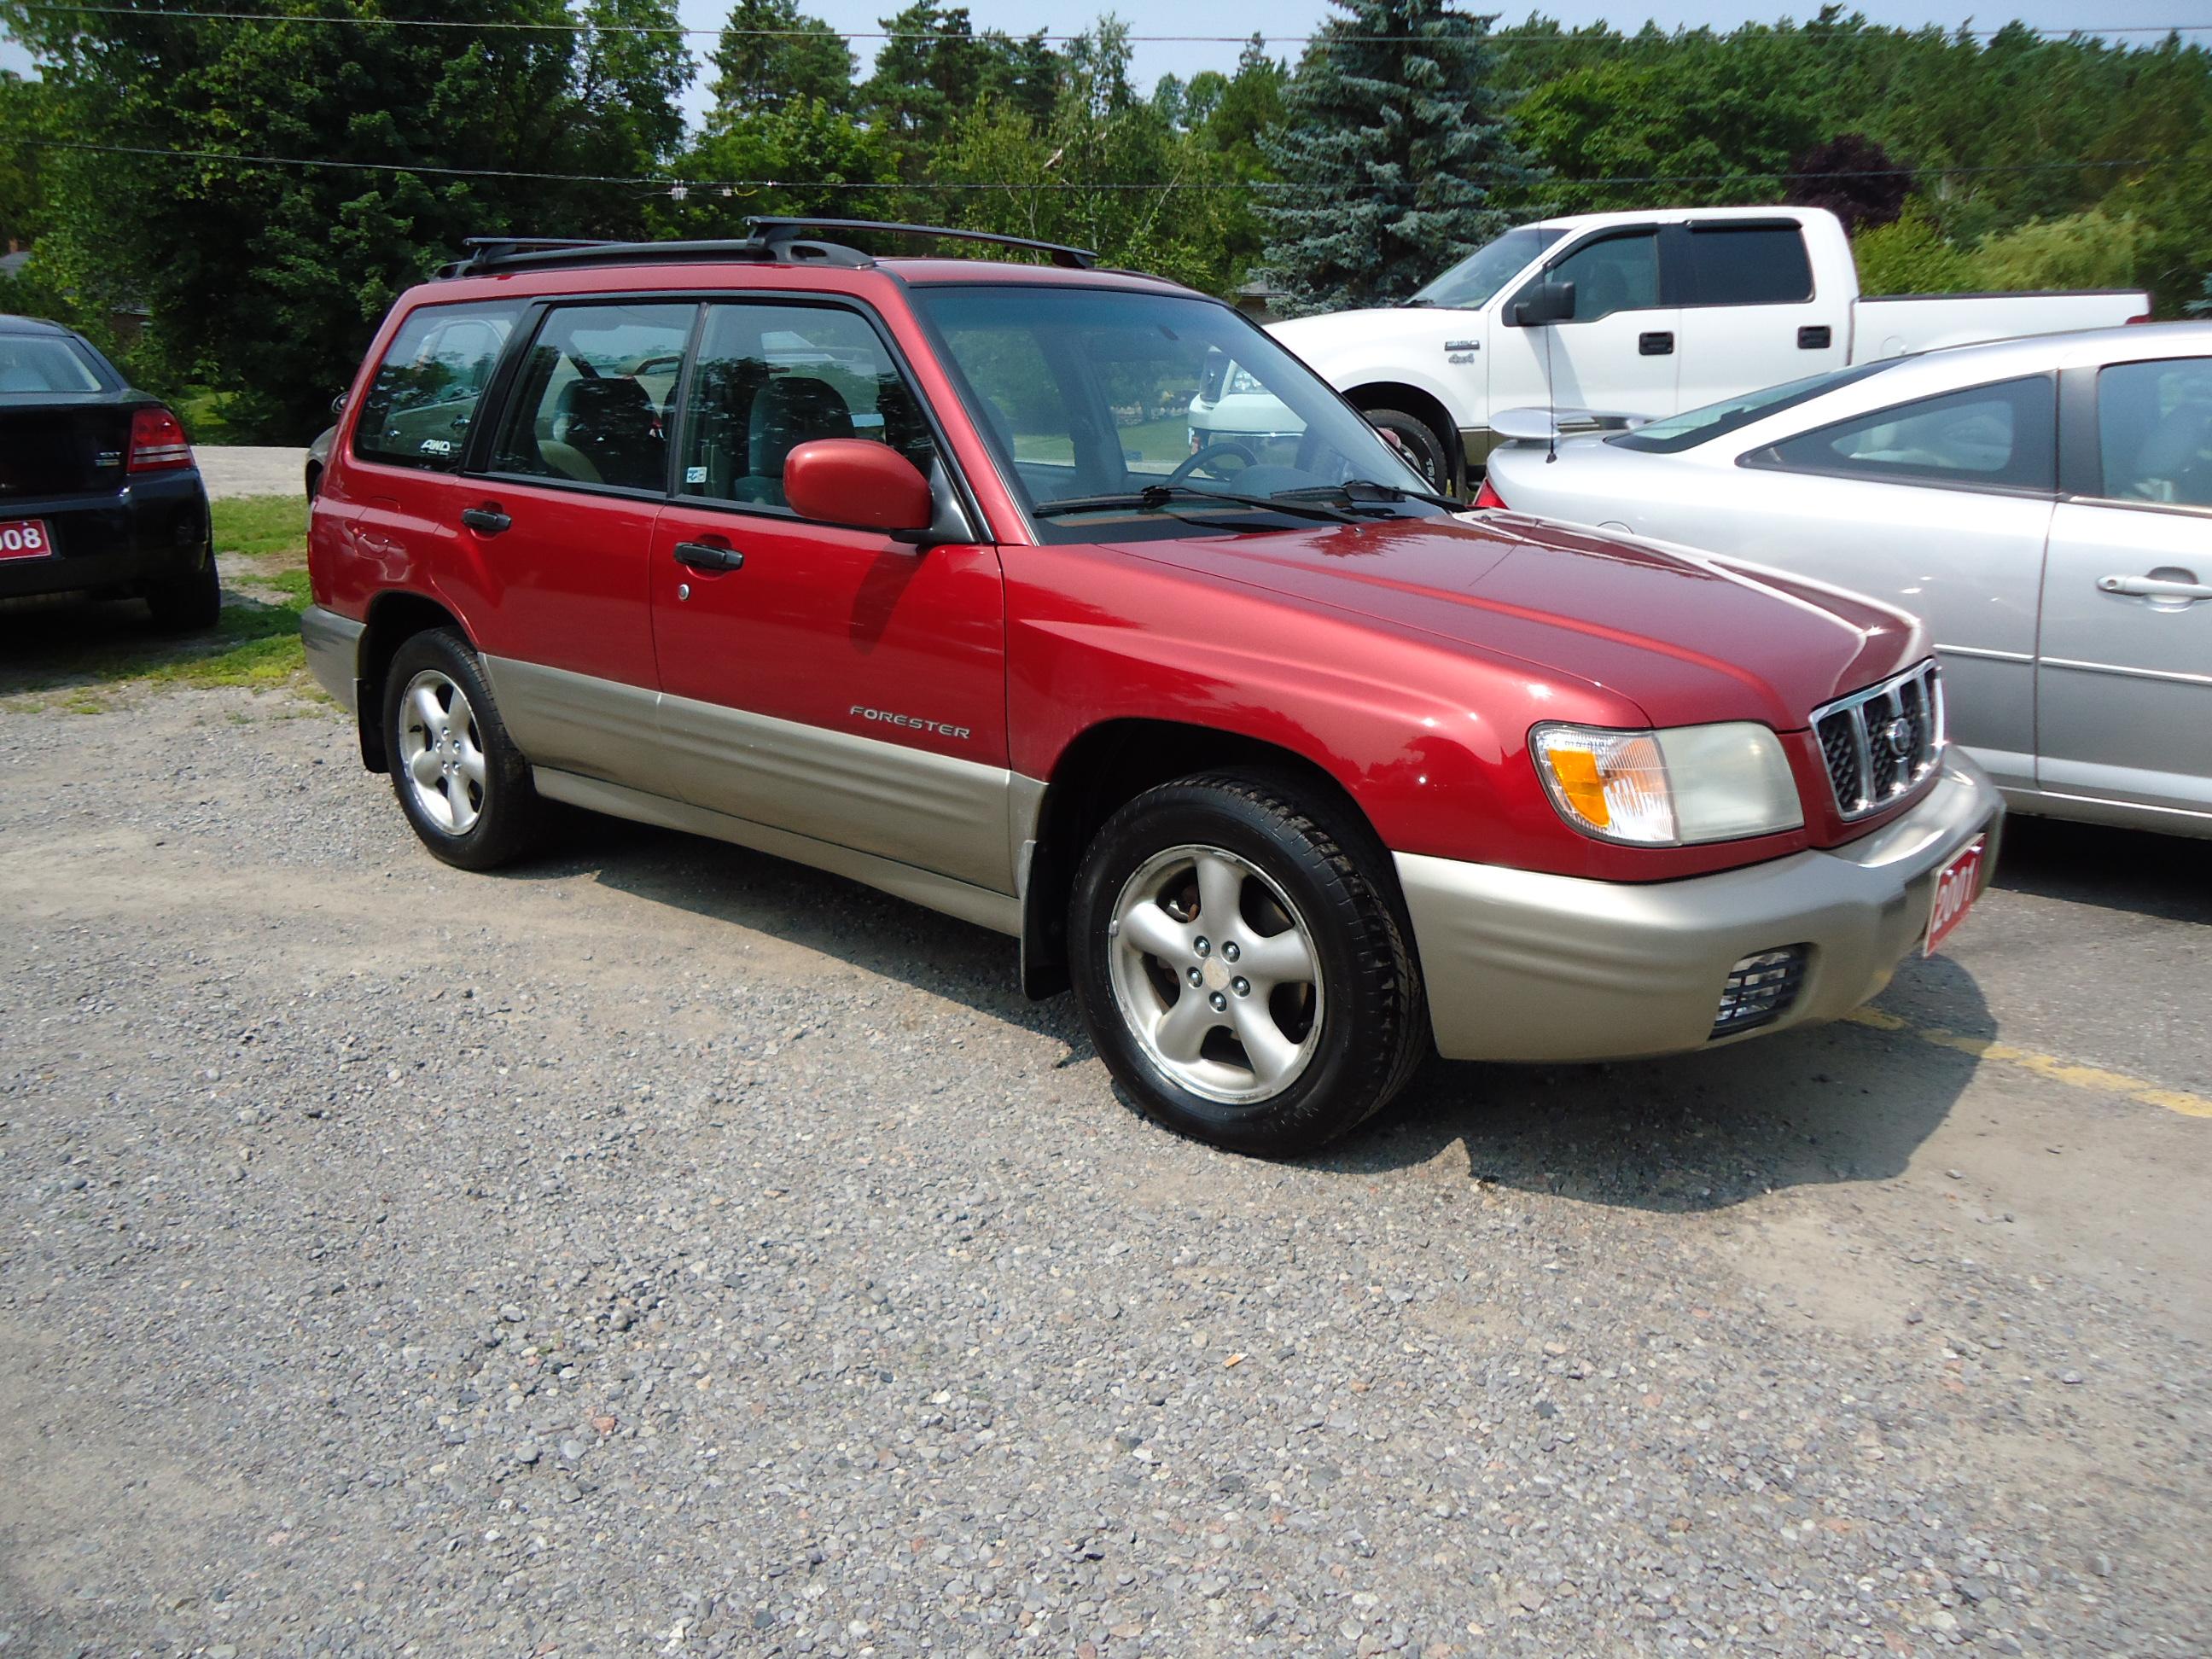 2001 subaru forester suv 1 bob currie auto sales 2001 subaru forester suv 1 bob